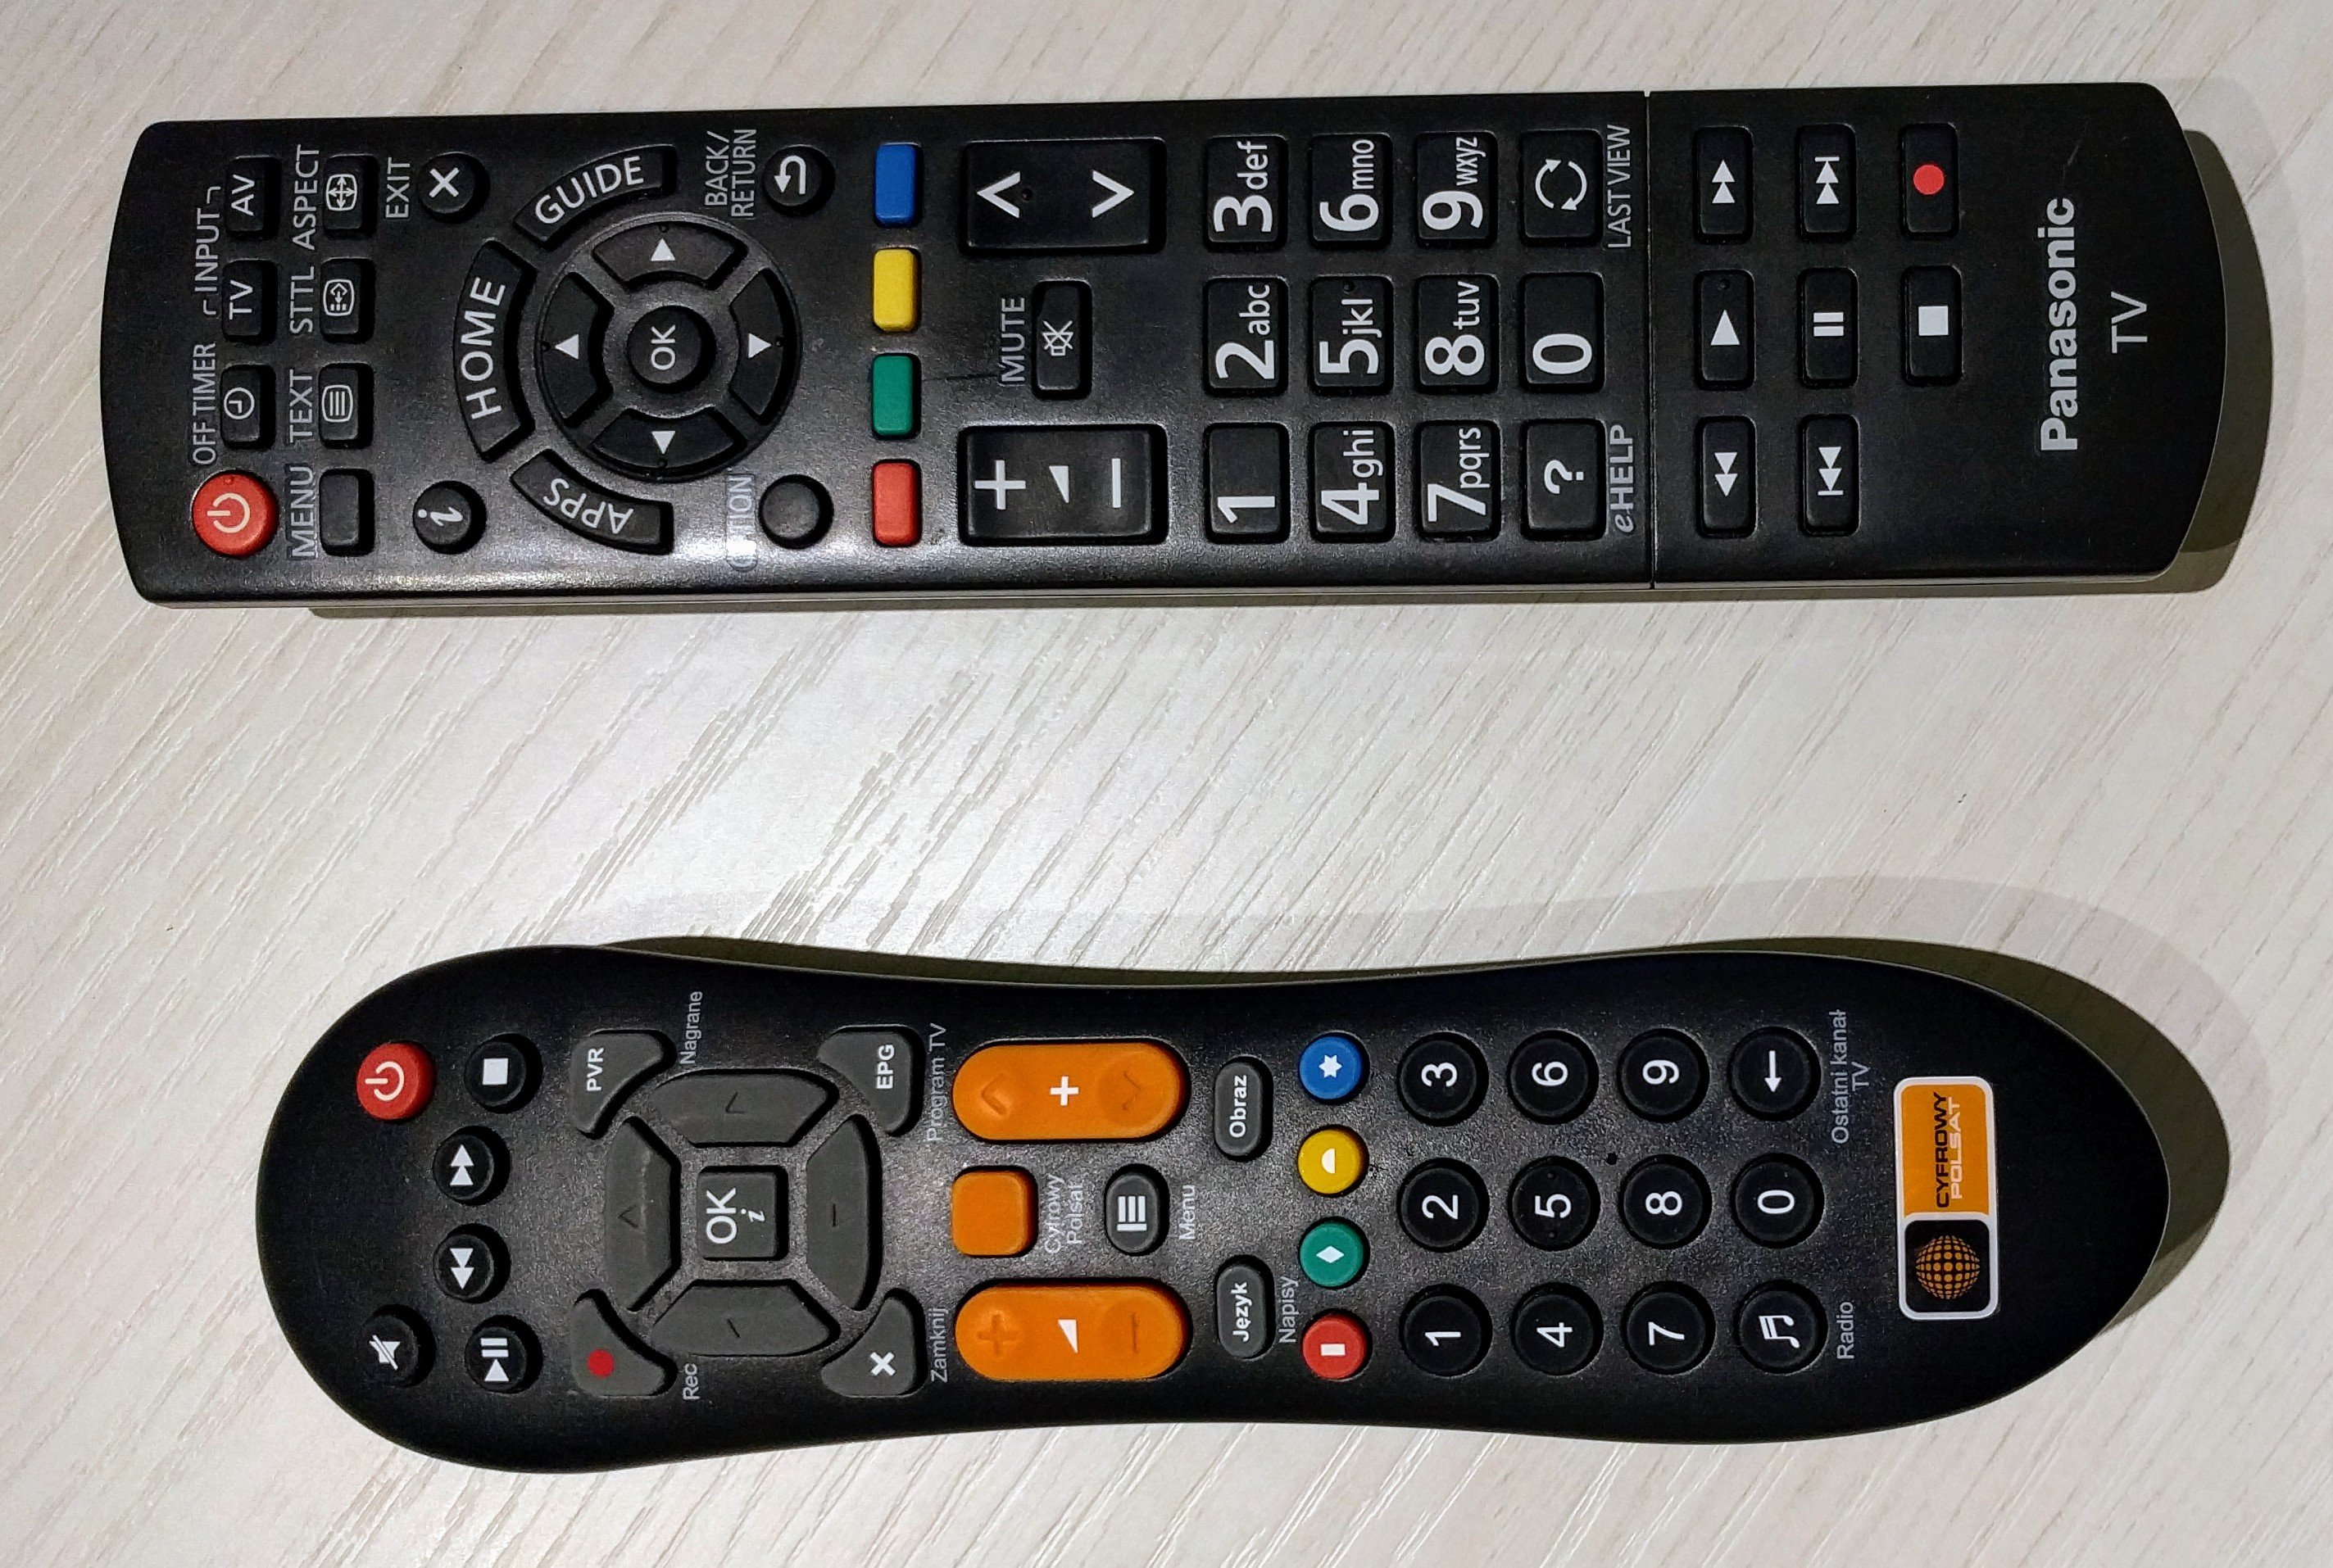 Broadlink RM Pro+ telecomando universale WiFi per TV, cancello, condizionatore